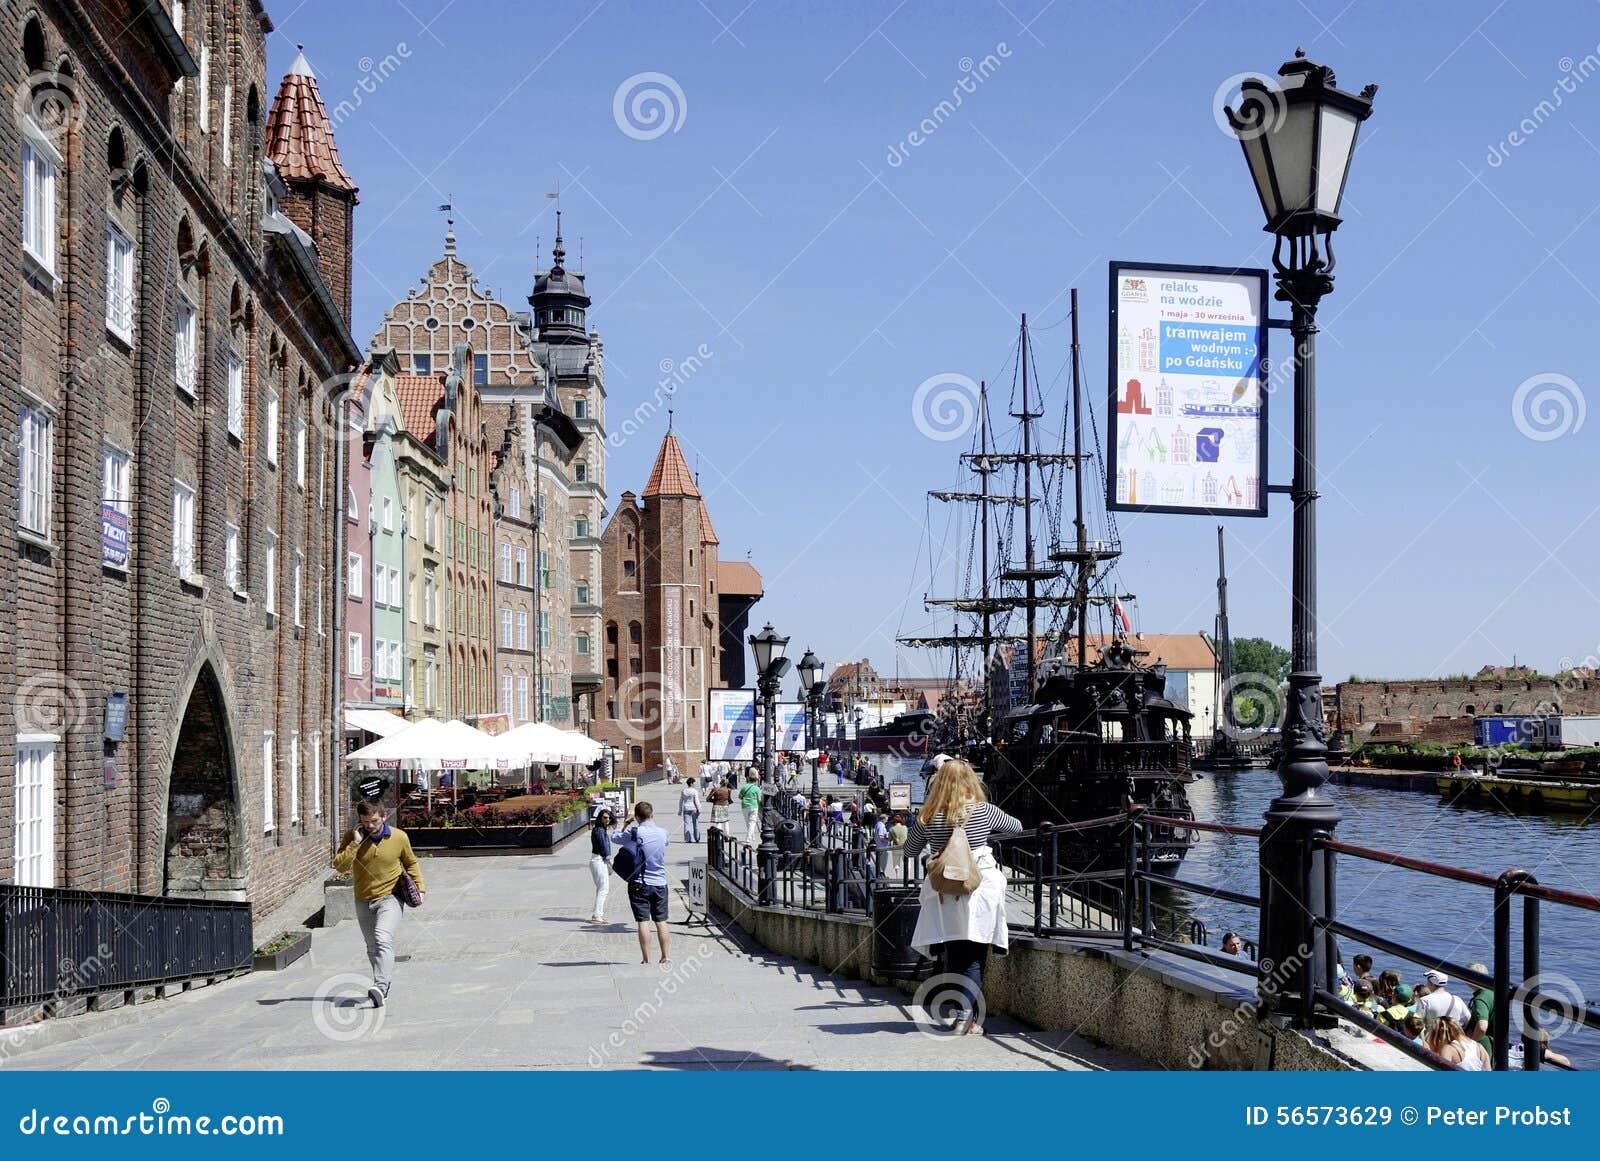 Download Ιστορική παλαιά πόλη του Γντανσκ στην Πολωνία Εκδοτική Στοκ Εικόνα - εικόνα από γύρος, τουρίστες: 56573629